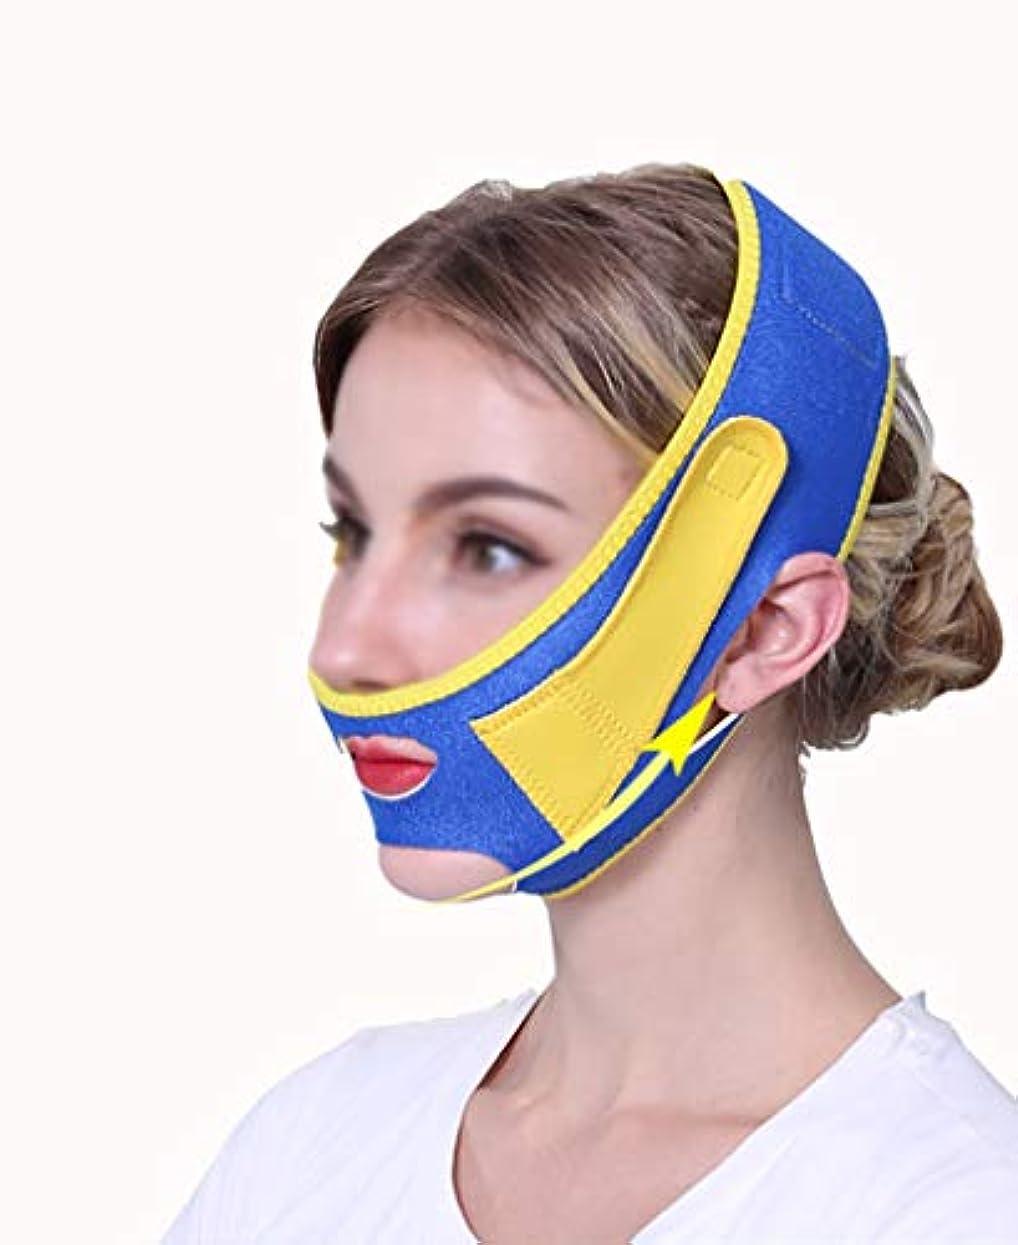 記述するに向かって広範囲にTLMY 薄いフェイスマスクあごストラップ回復包帯薄いフェイスマスクVフェイスステッカーフェイスステッカー韓国本物のリフティング引き締め形状の薄い二重あごの薄い顔の睡眠包帯アーティファクト 顔用整形マスク